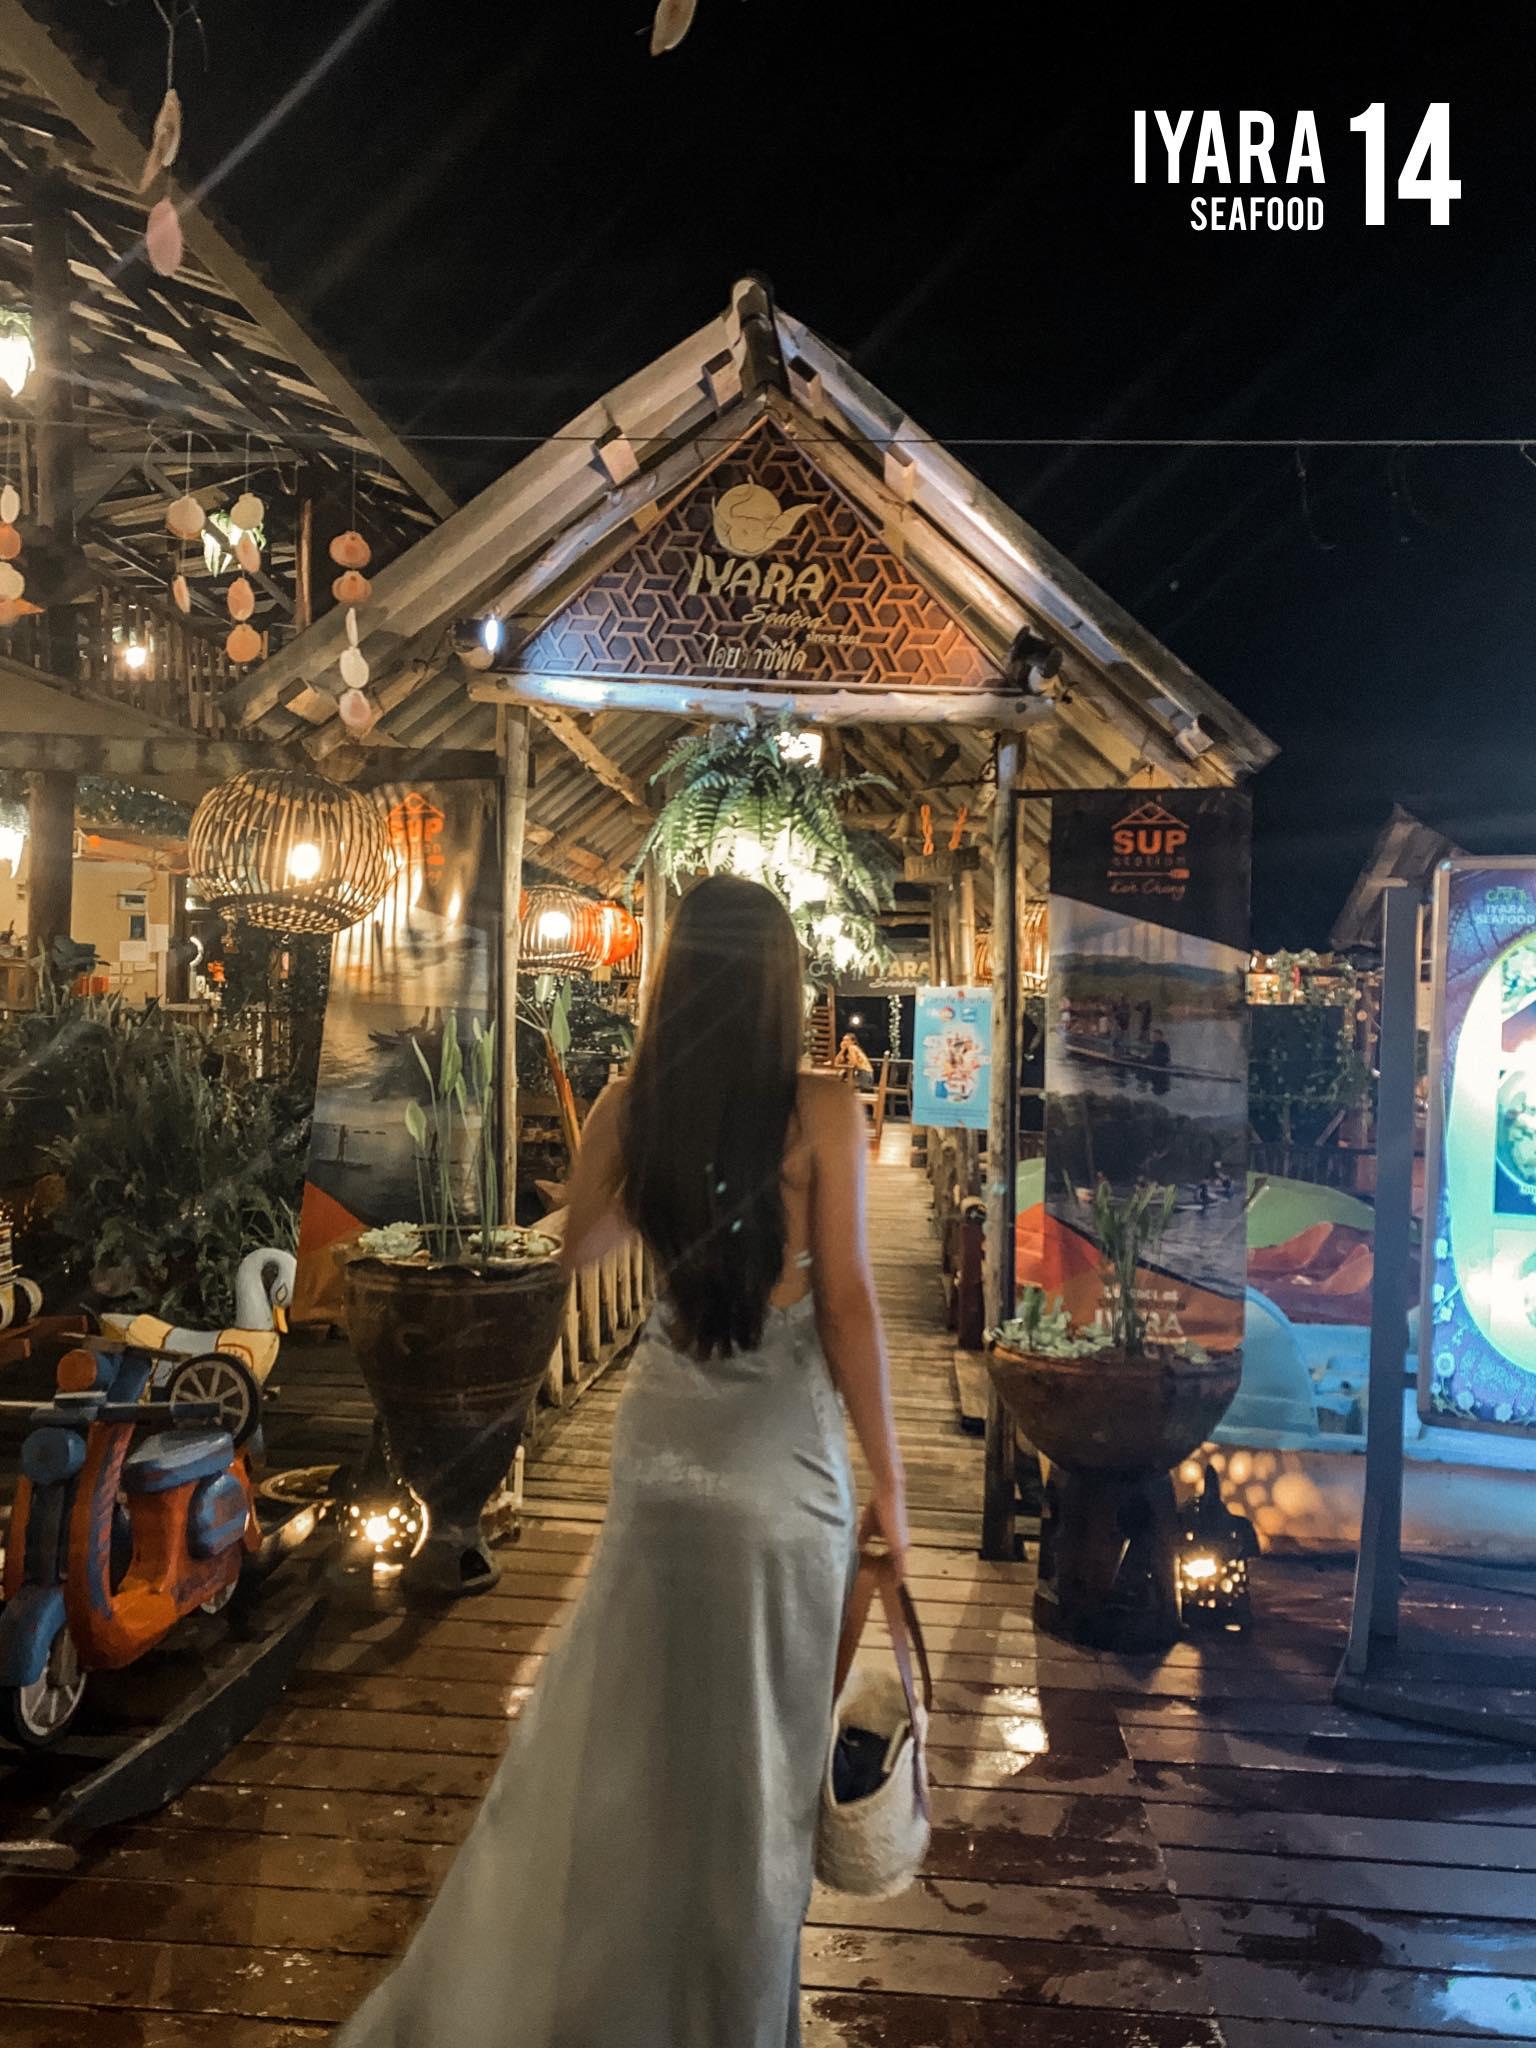 Iyara Seafood